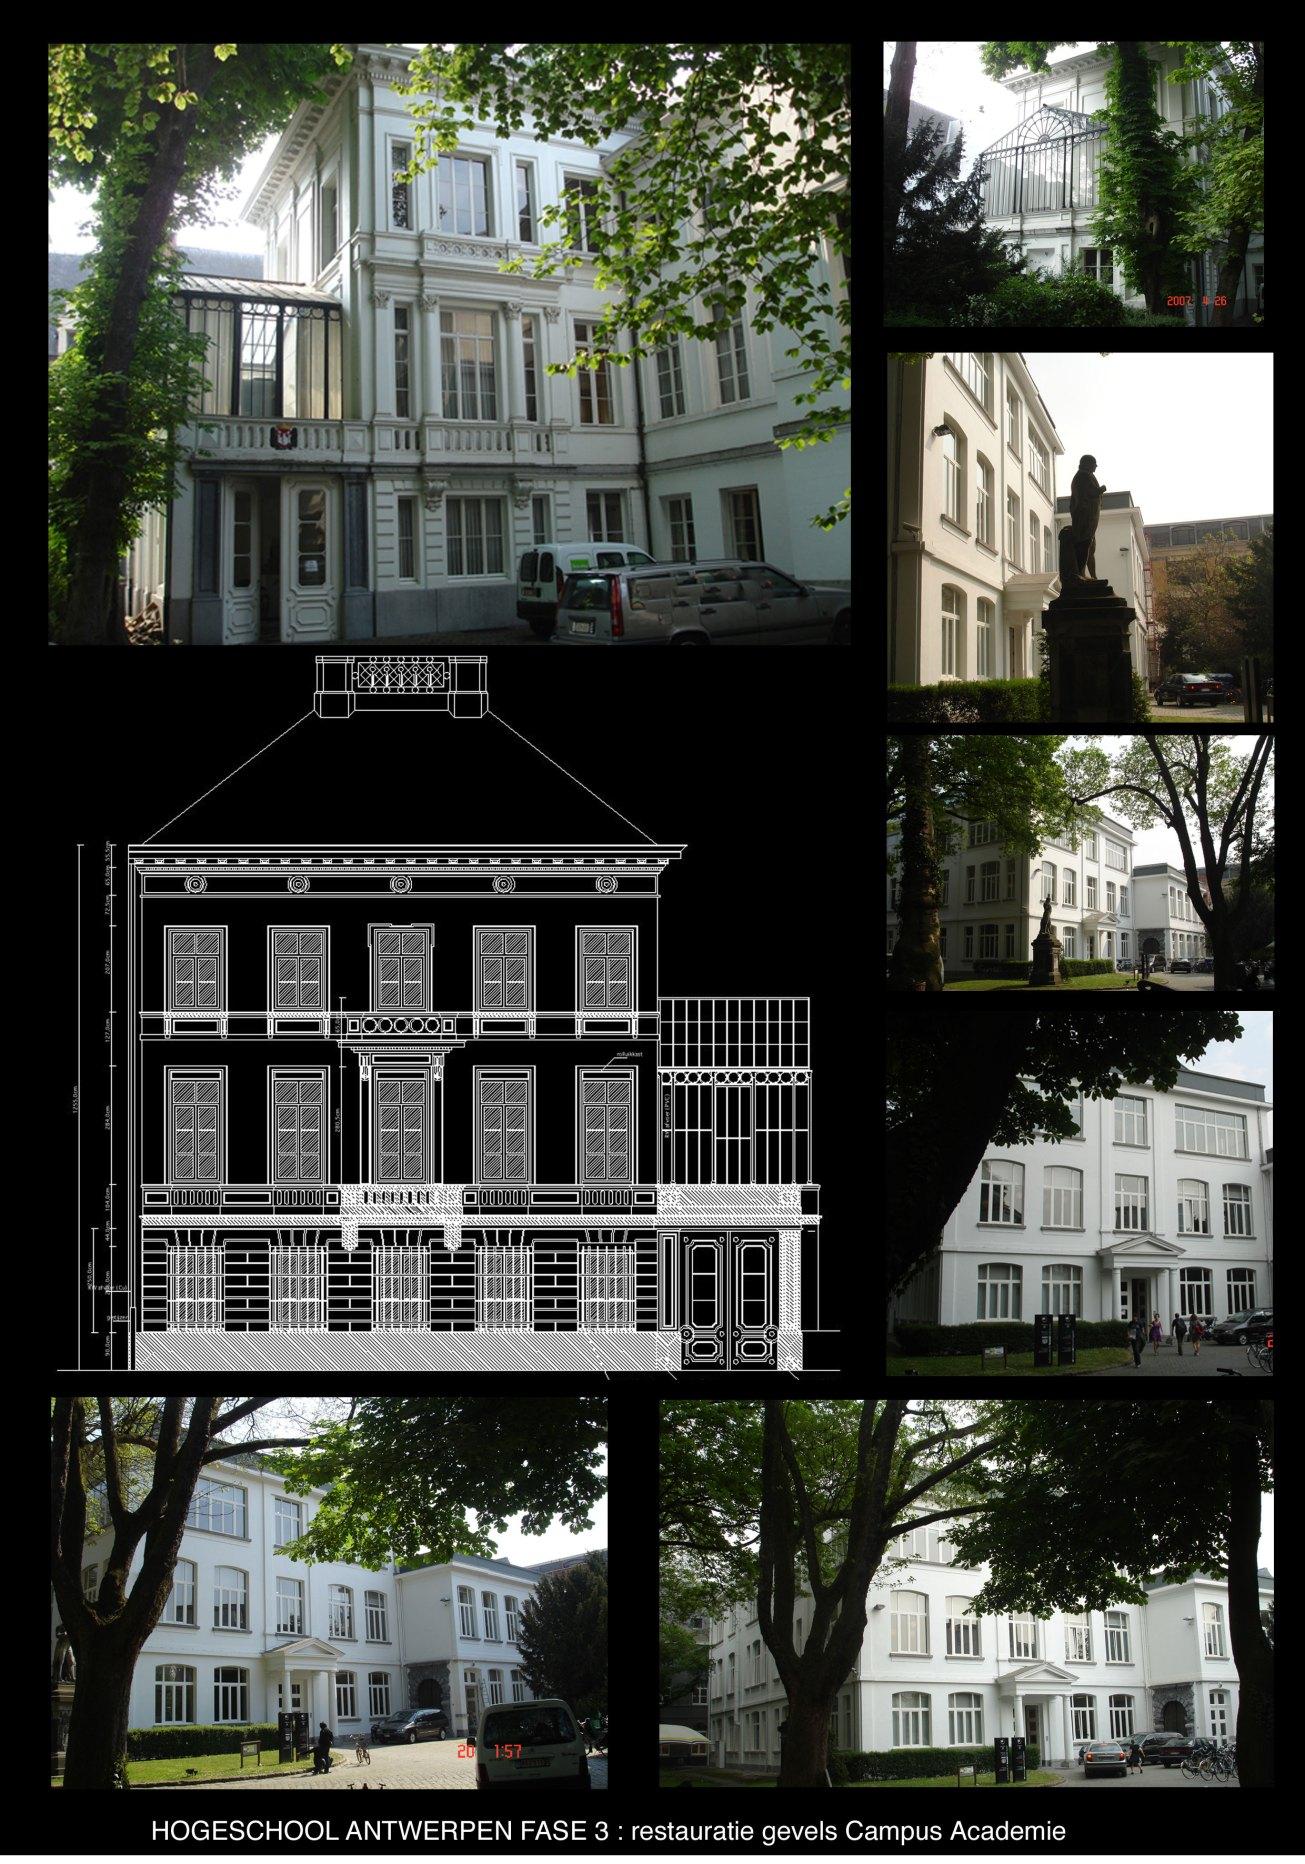 Hogeschool Antwerpen fase3 restauratie gevels